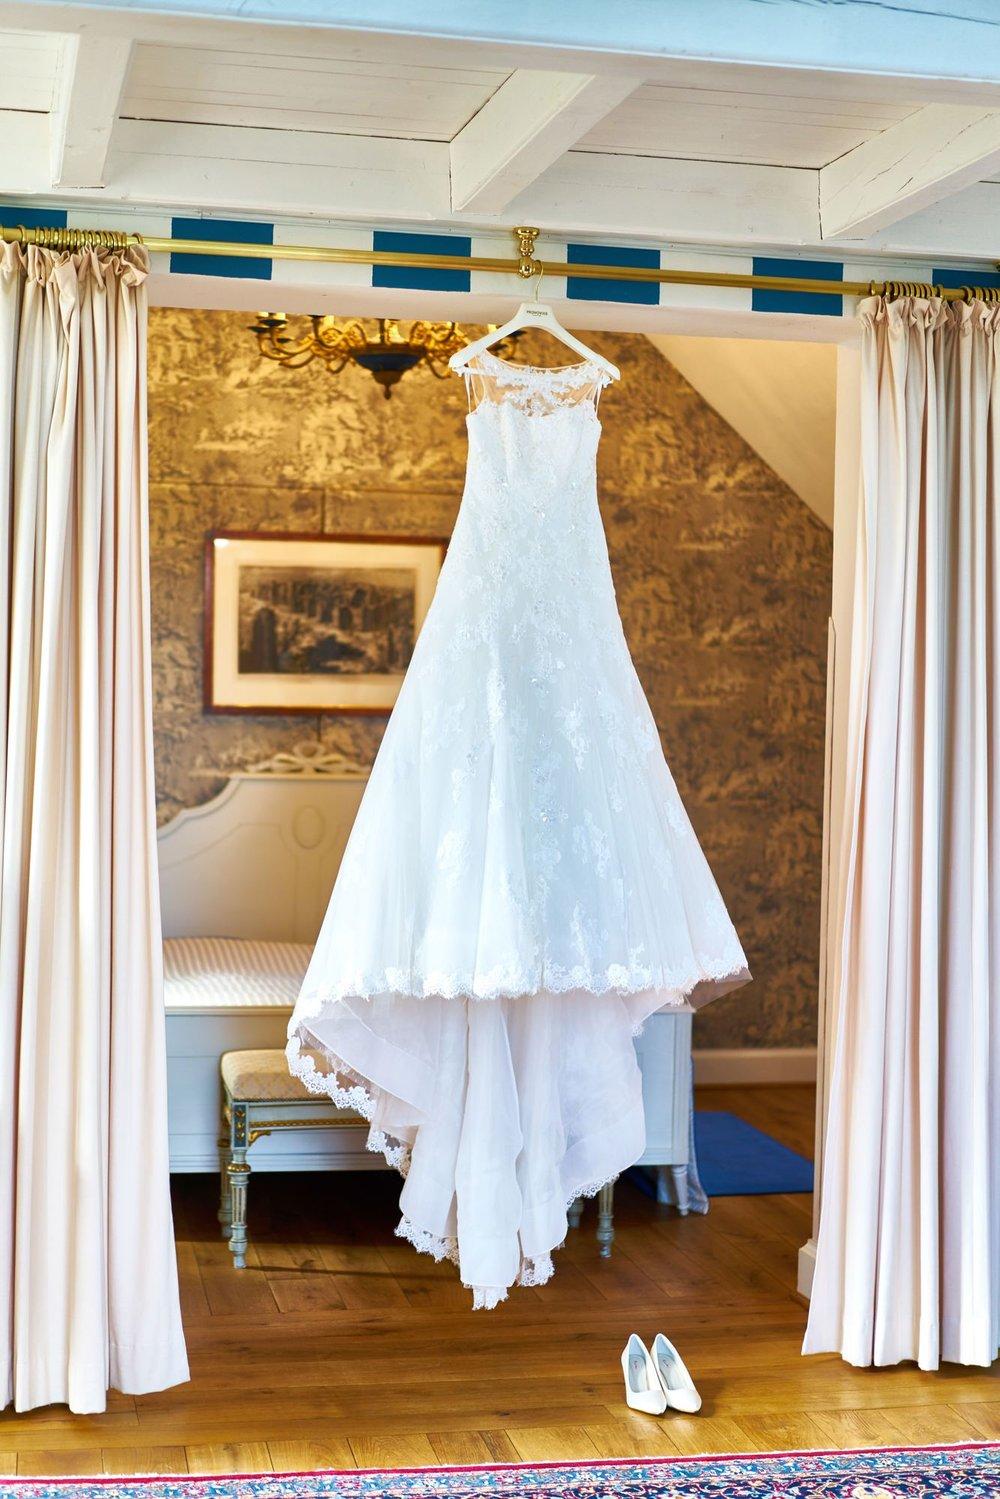 bruidsfotografie-duitsland-schloss Hertefeld-weeze-trouwreportage-267A.jpg